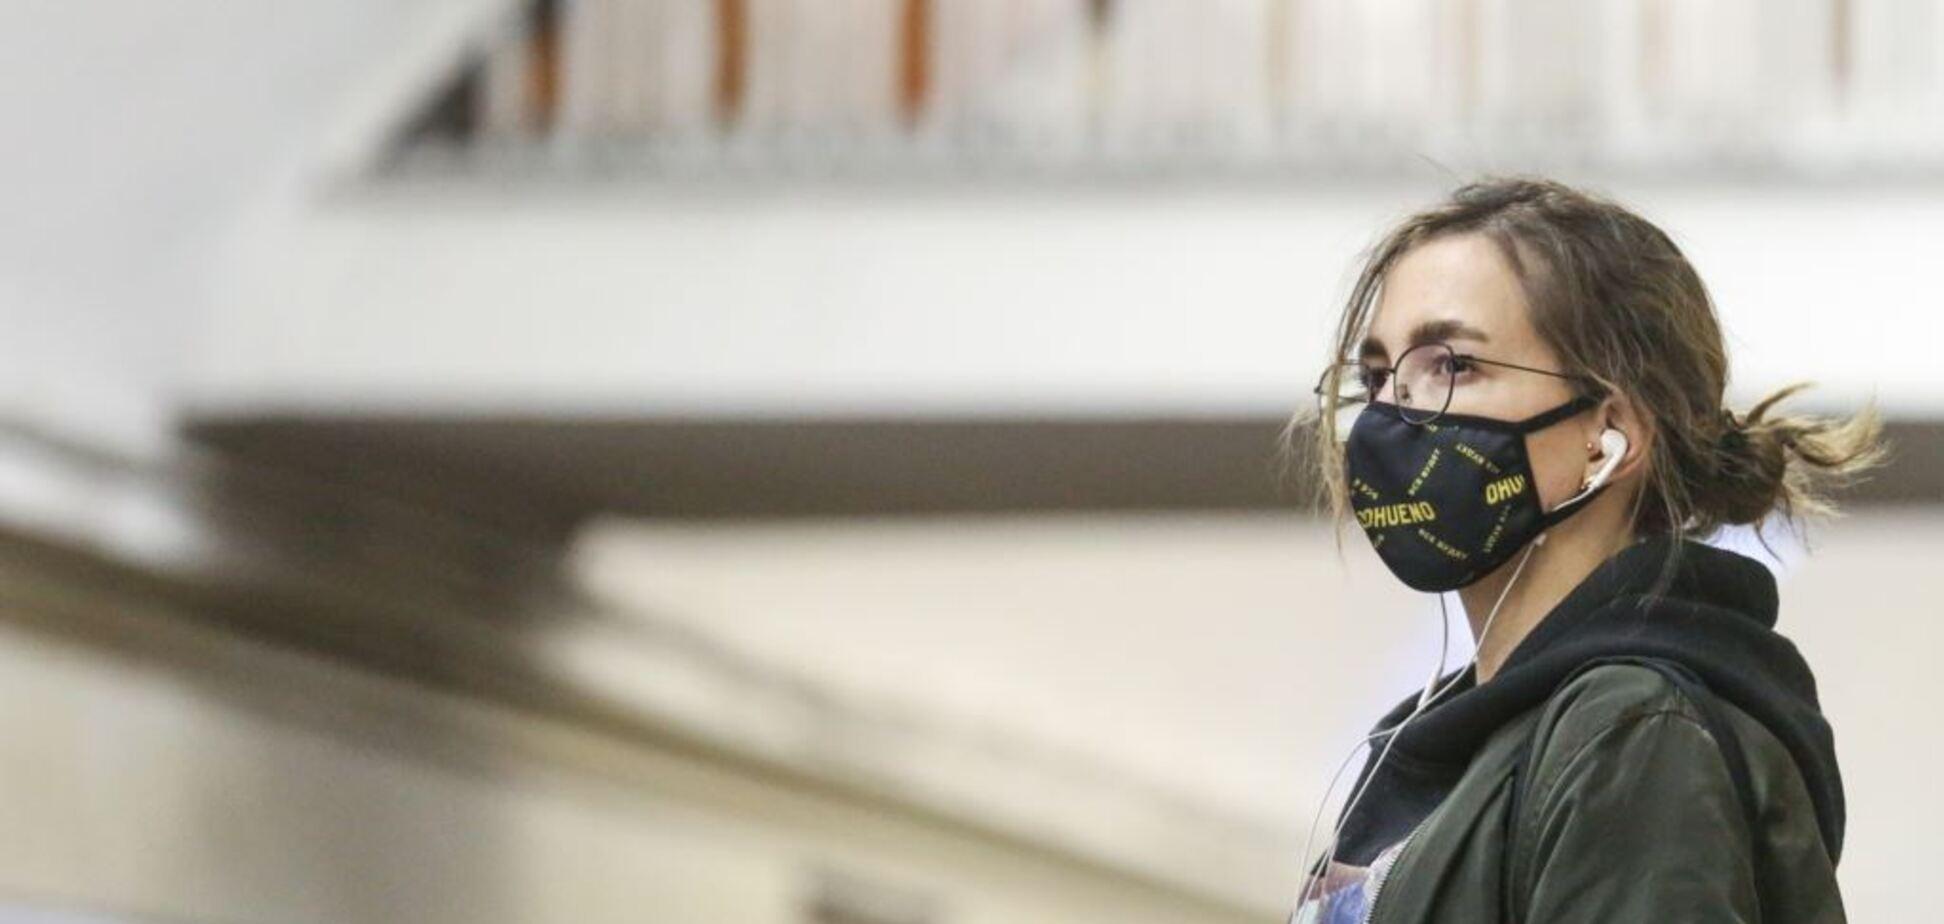 У Київраді запропонували закрити метро і ввести локдаун: Кличко проти